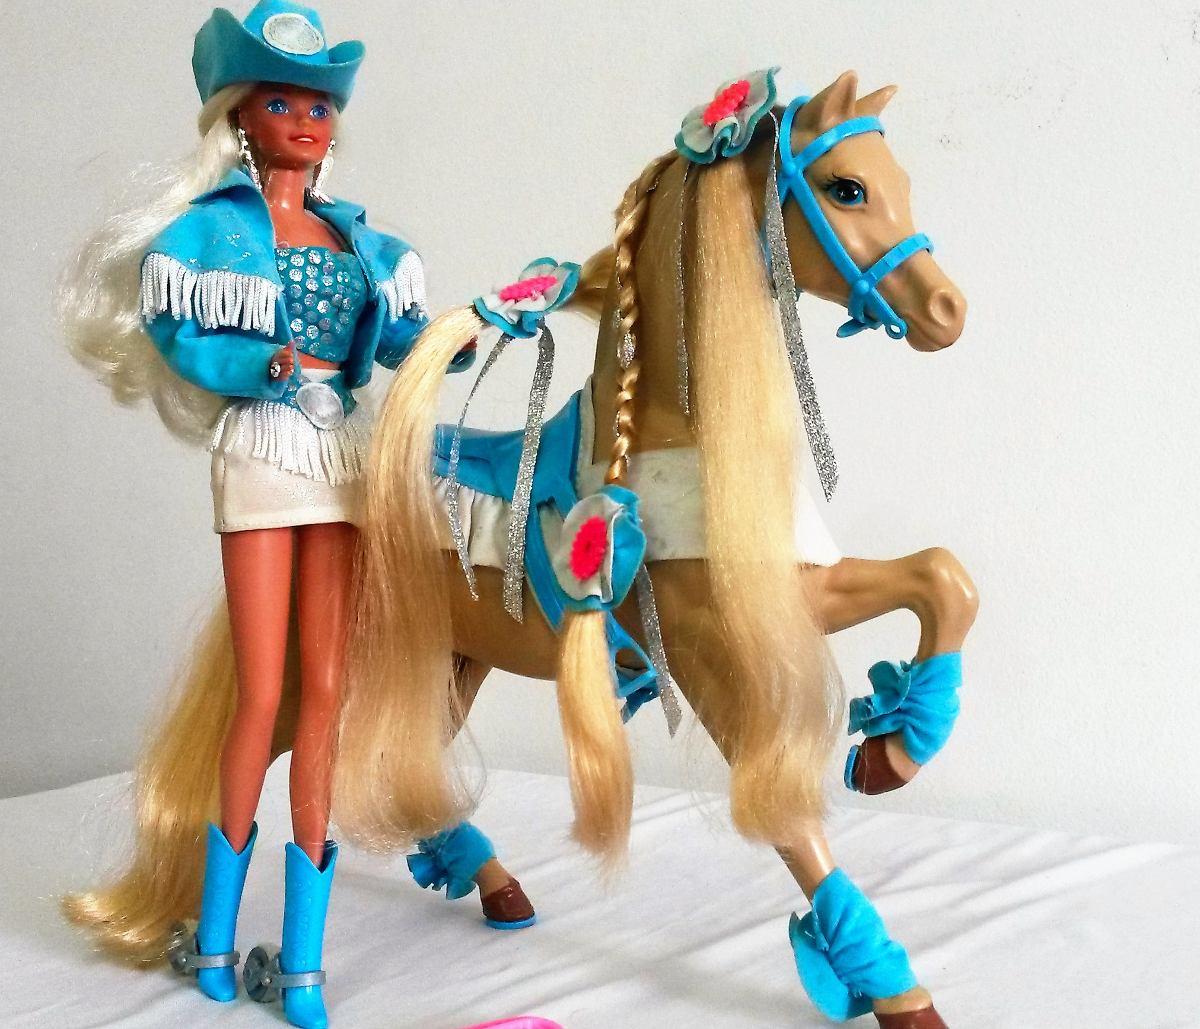 Antiga barbie country cavalo estrela mattel anos 90 r for Piscinas toy